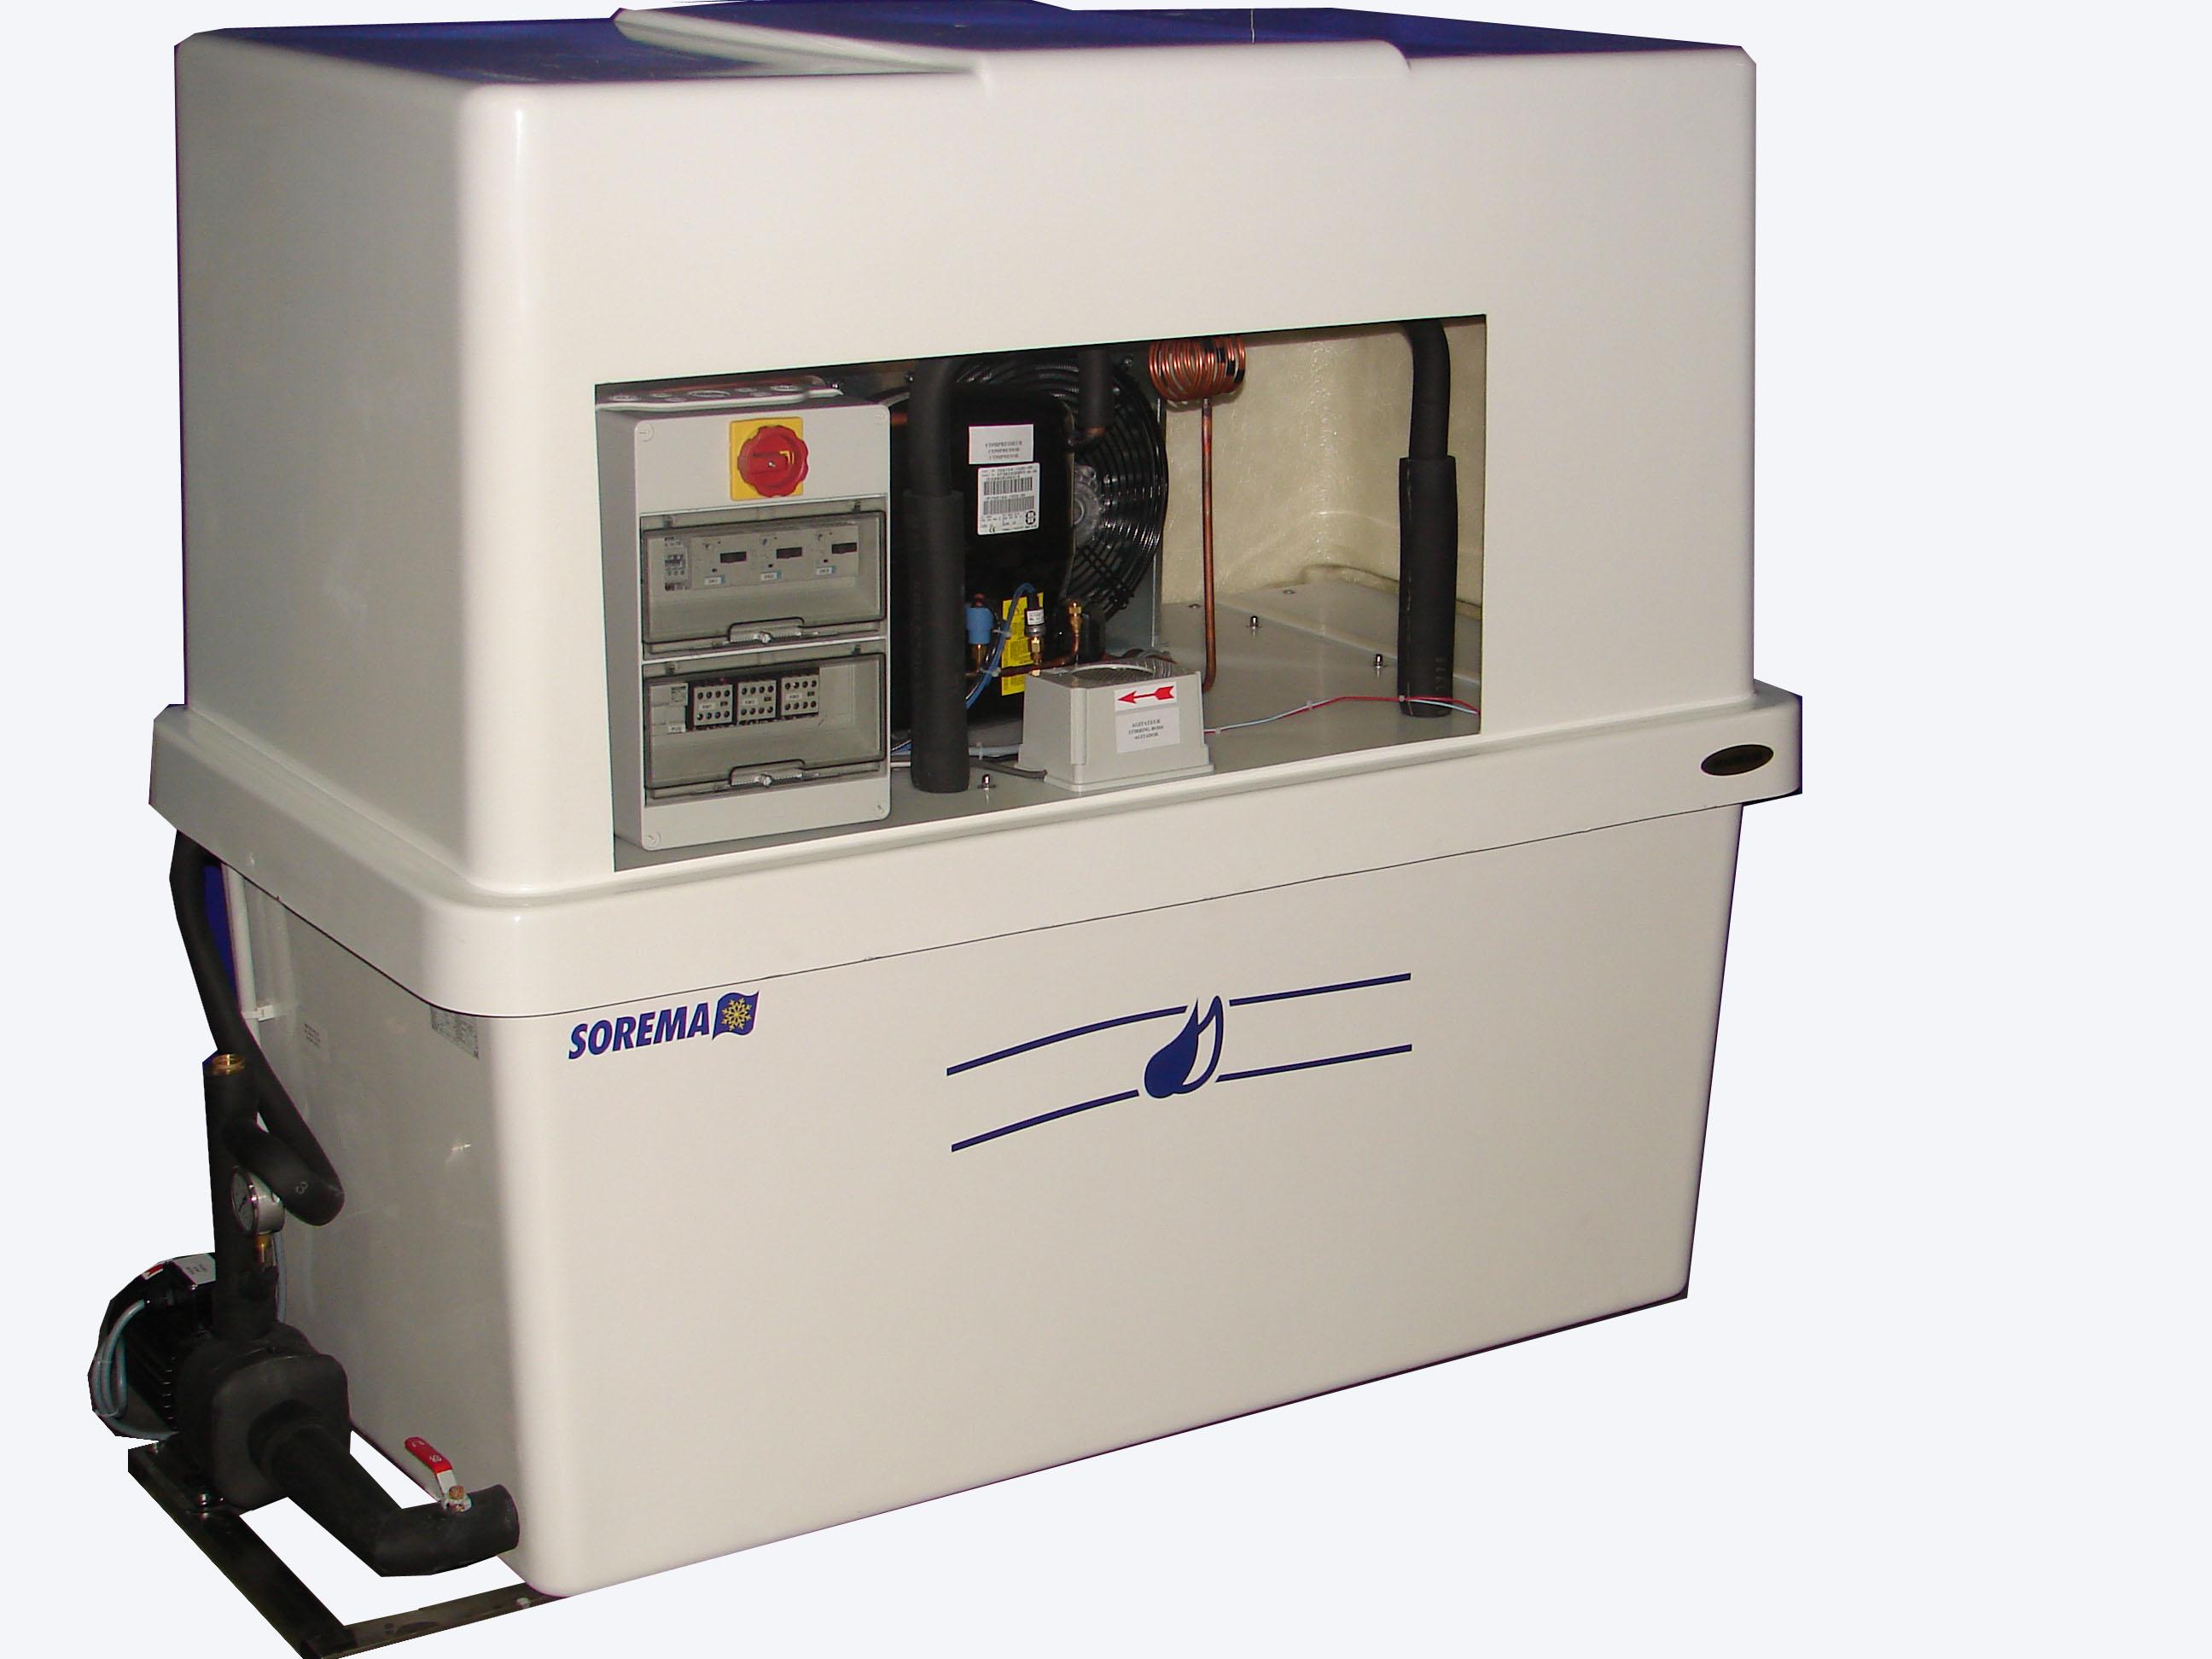 Refroidisseur d'eau glacée agd 250 p - sorema